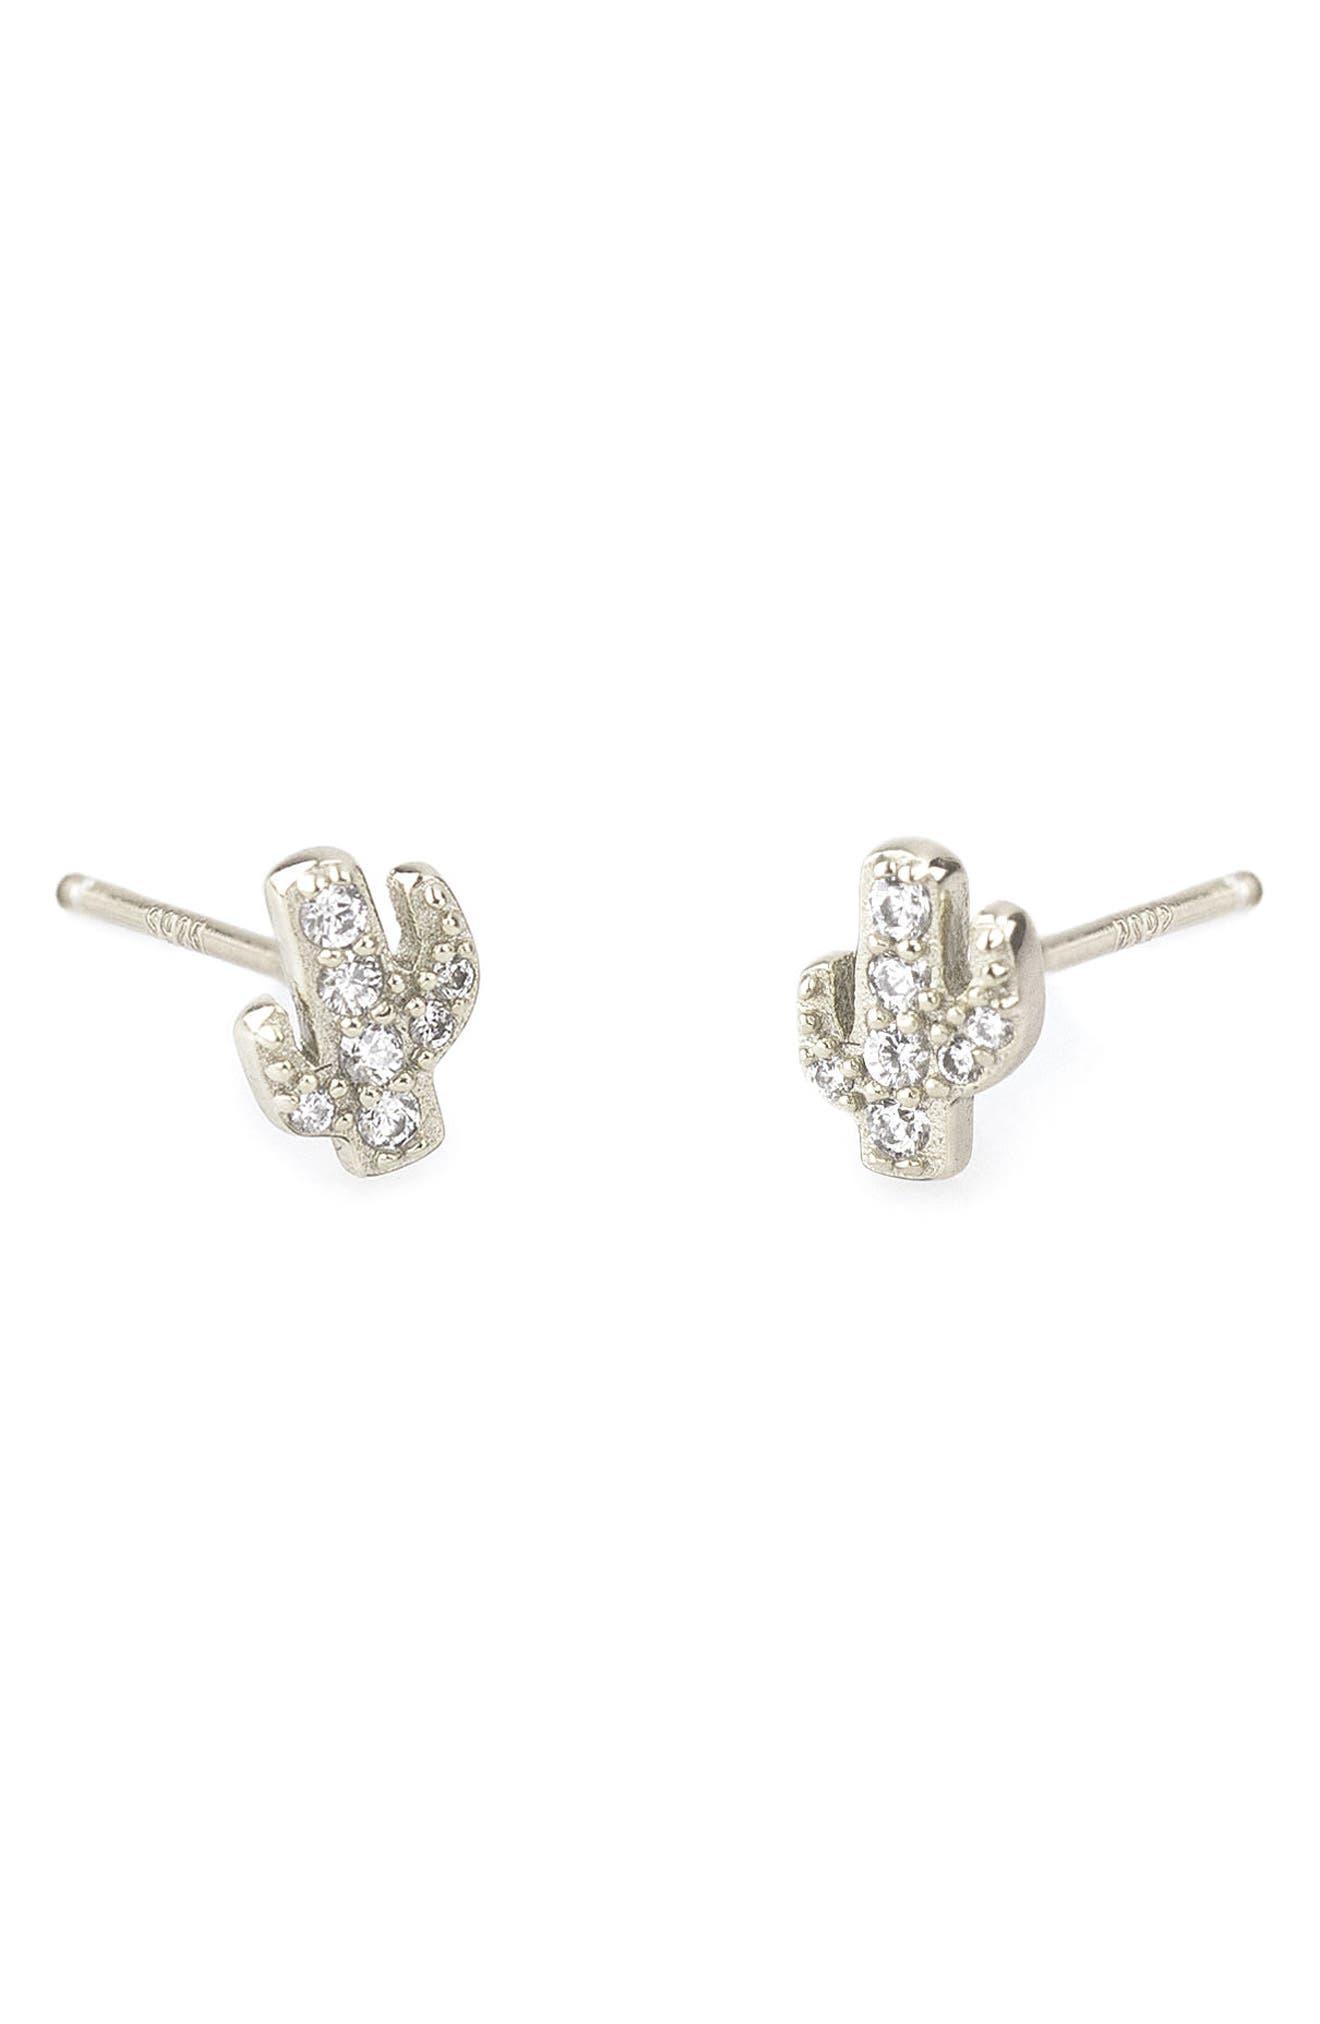 Alternate Image 1 Selected - Kris Nations Pavé Cactus Stud Earrings